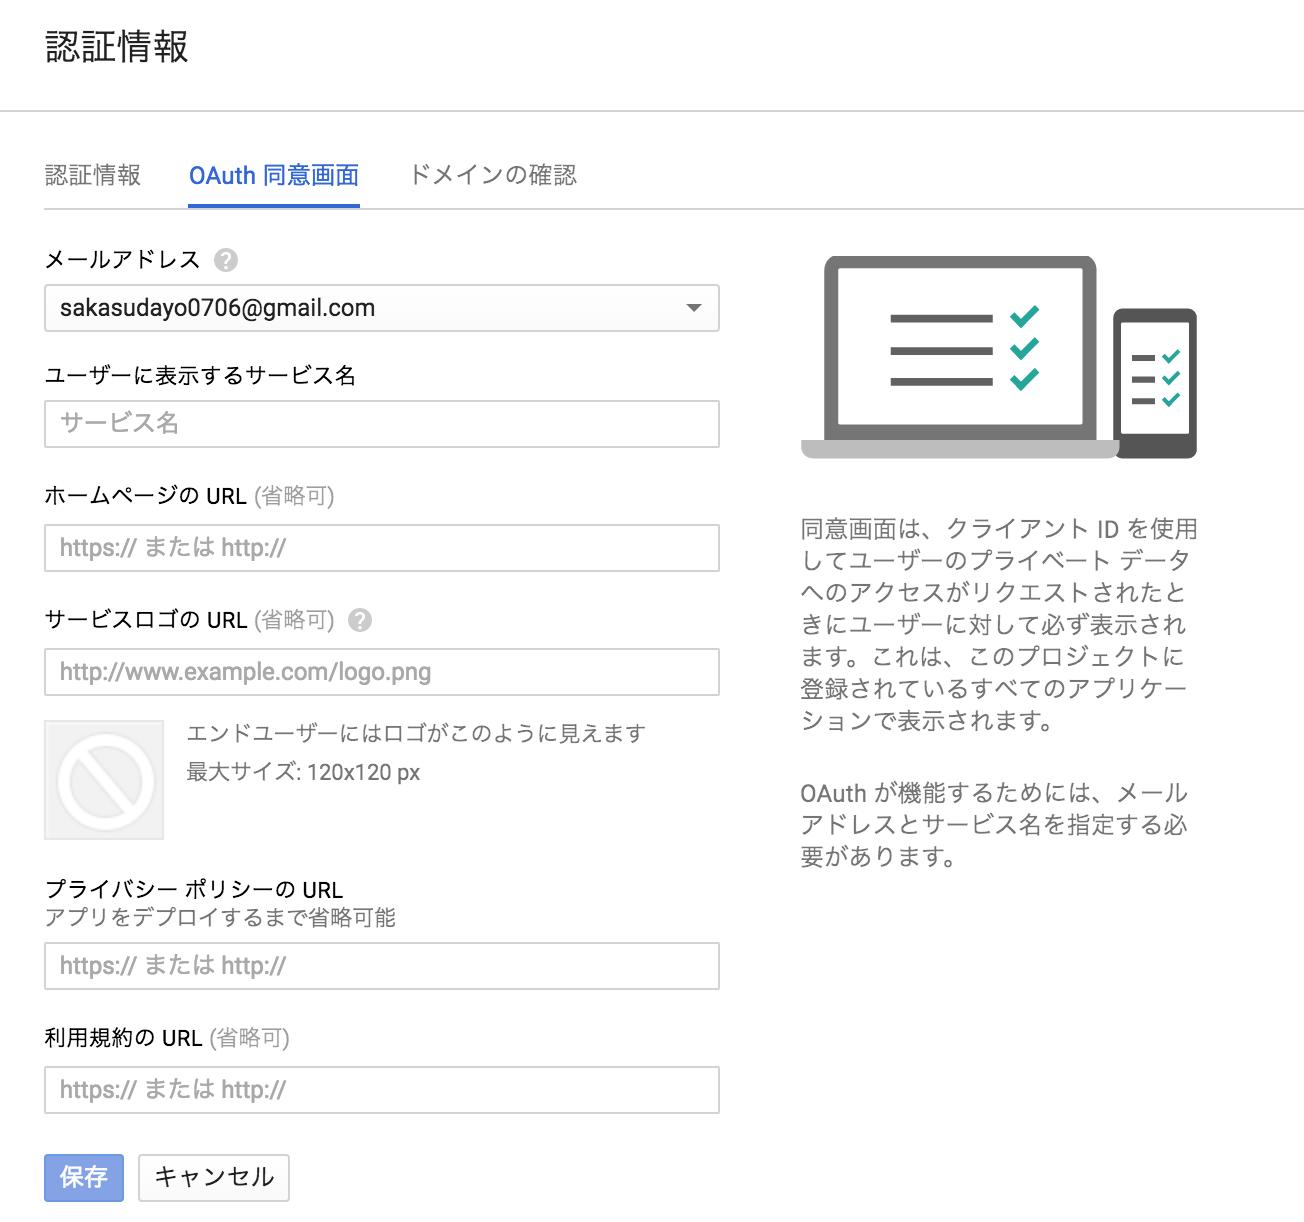 OAuth認証画面